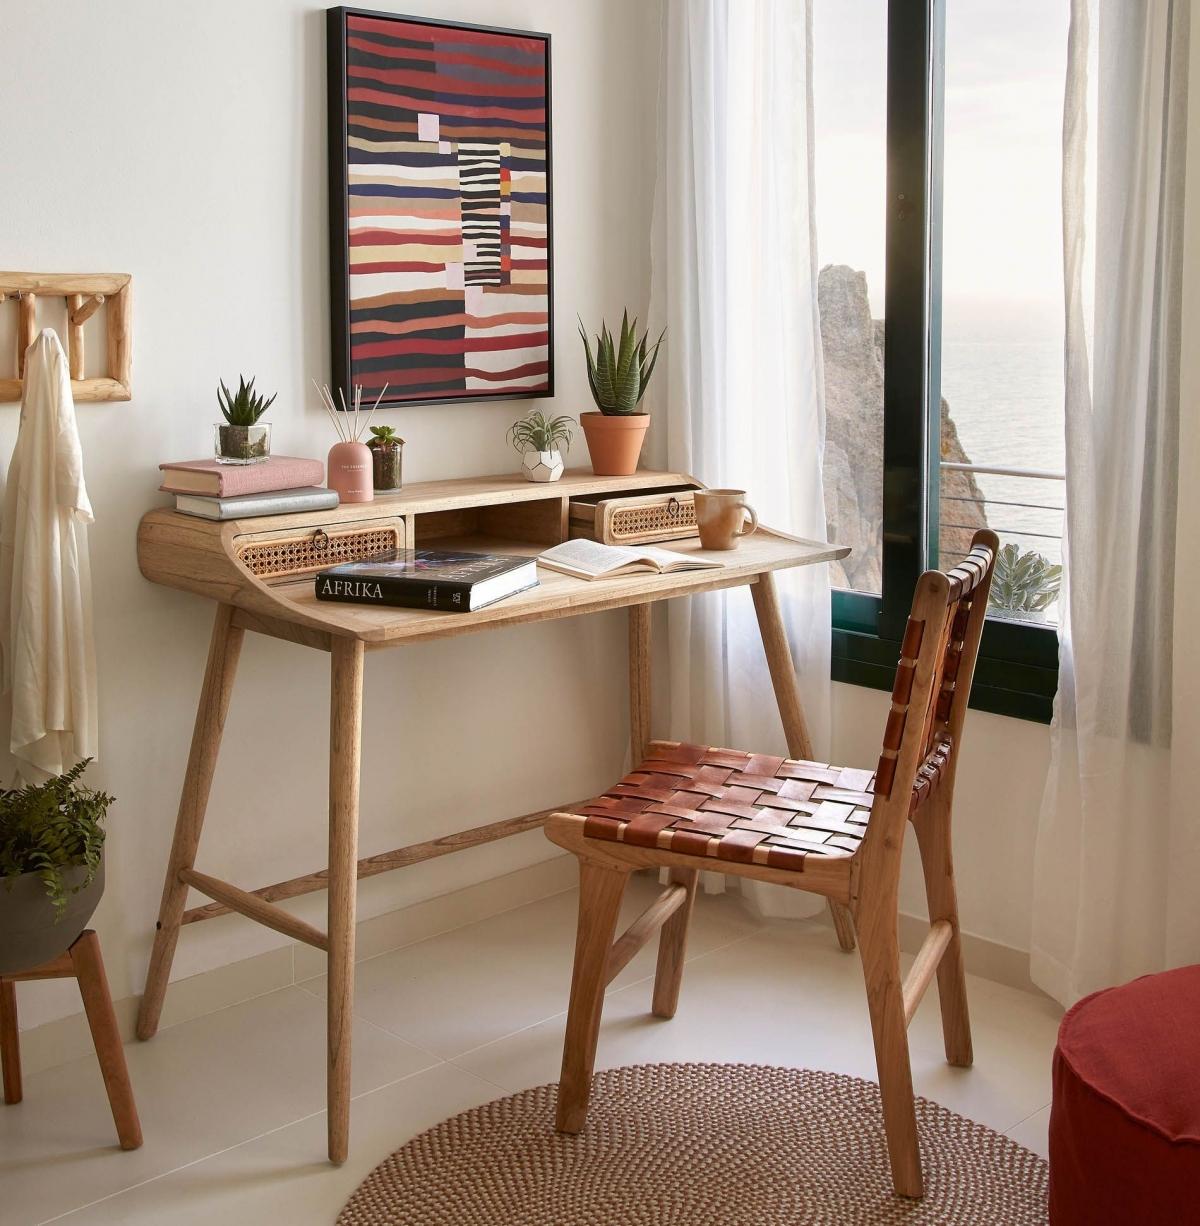 Комфортный кабинет в стиле африканской саванны